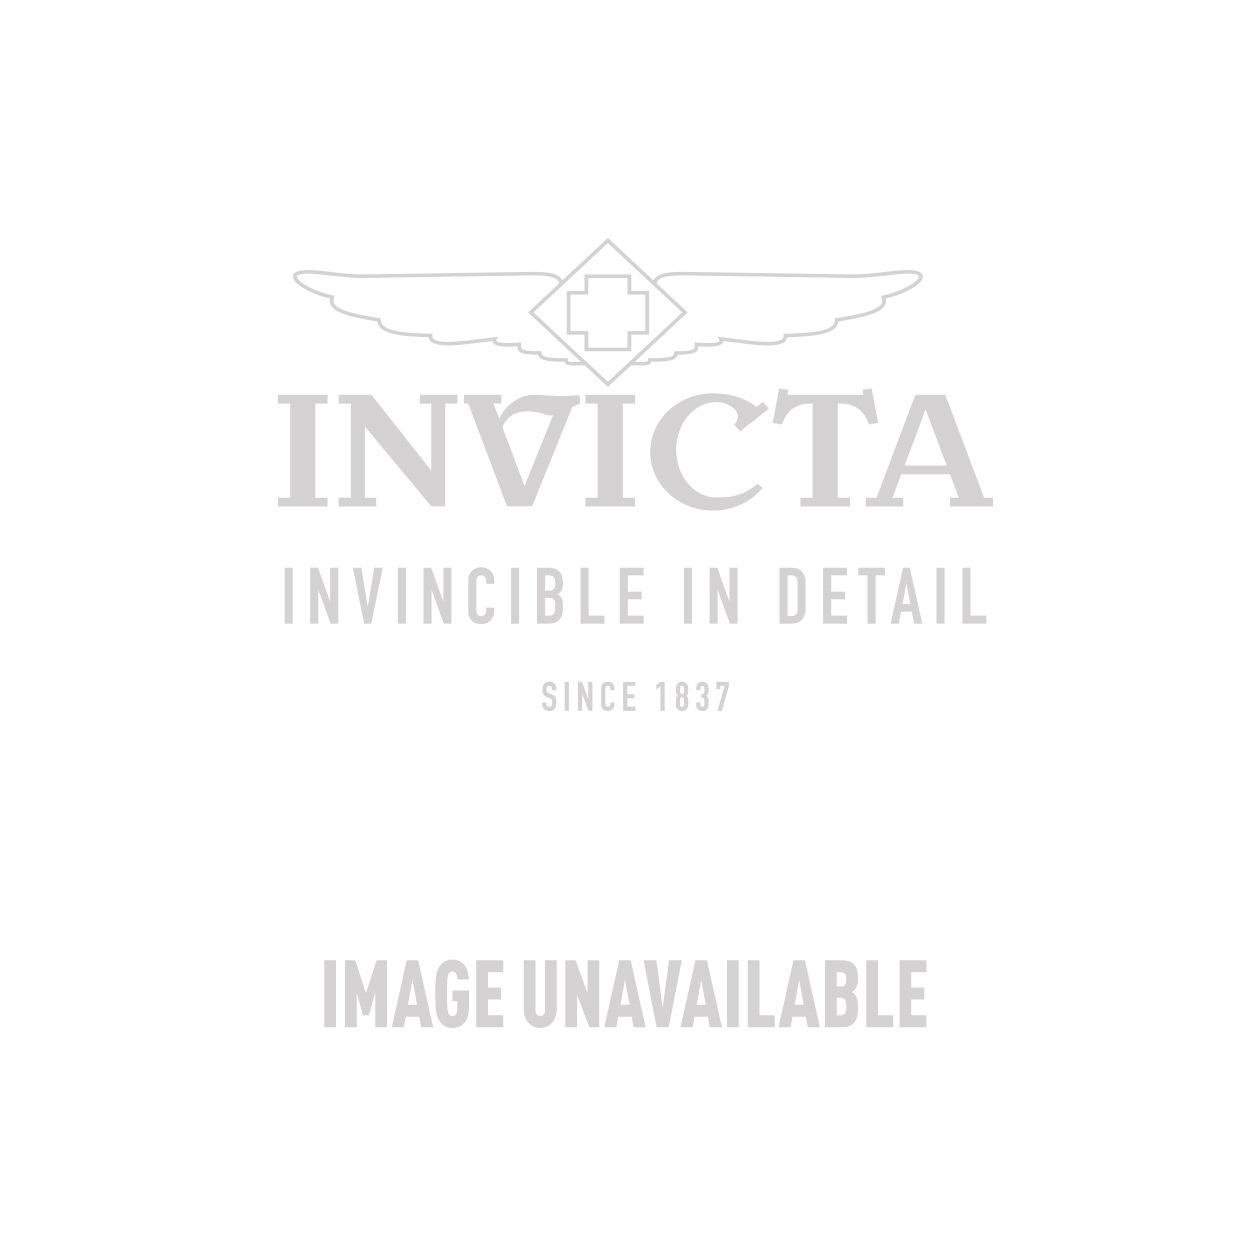 Invicta Model 25485